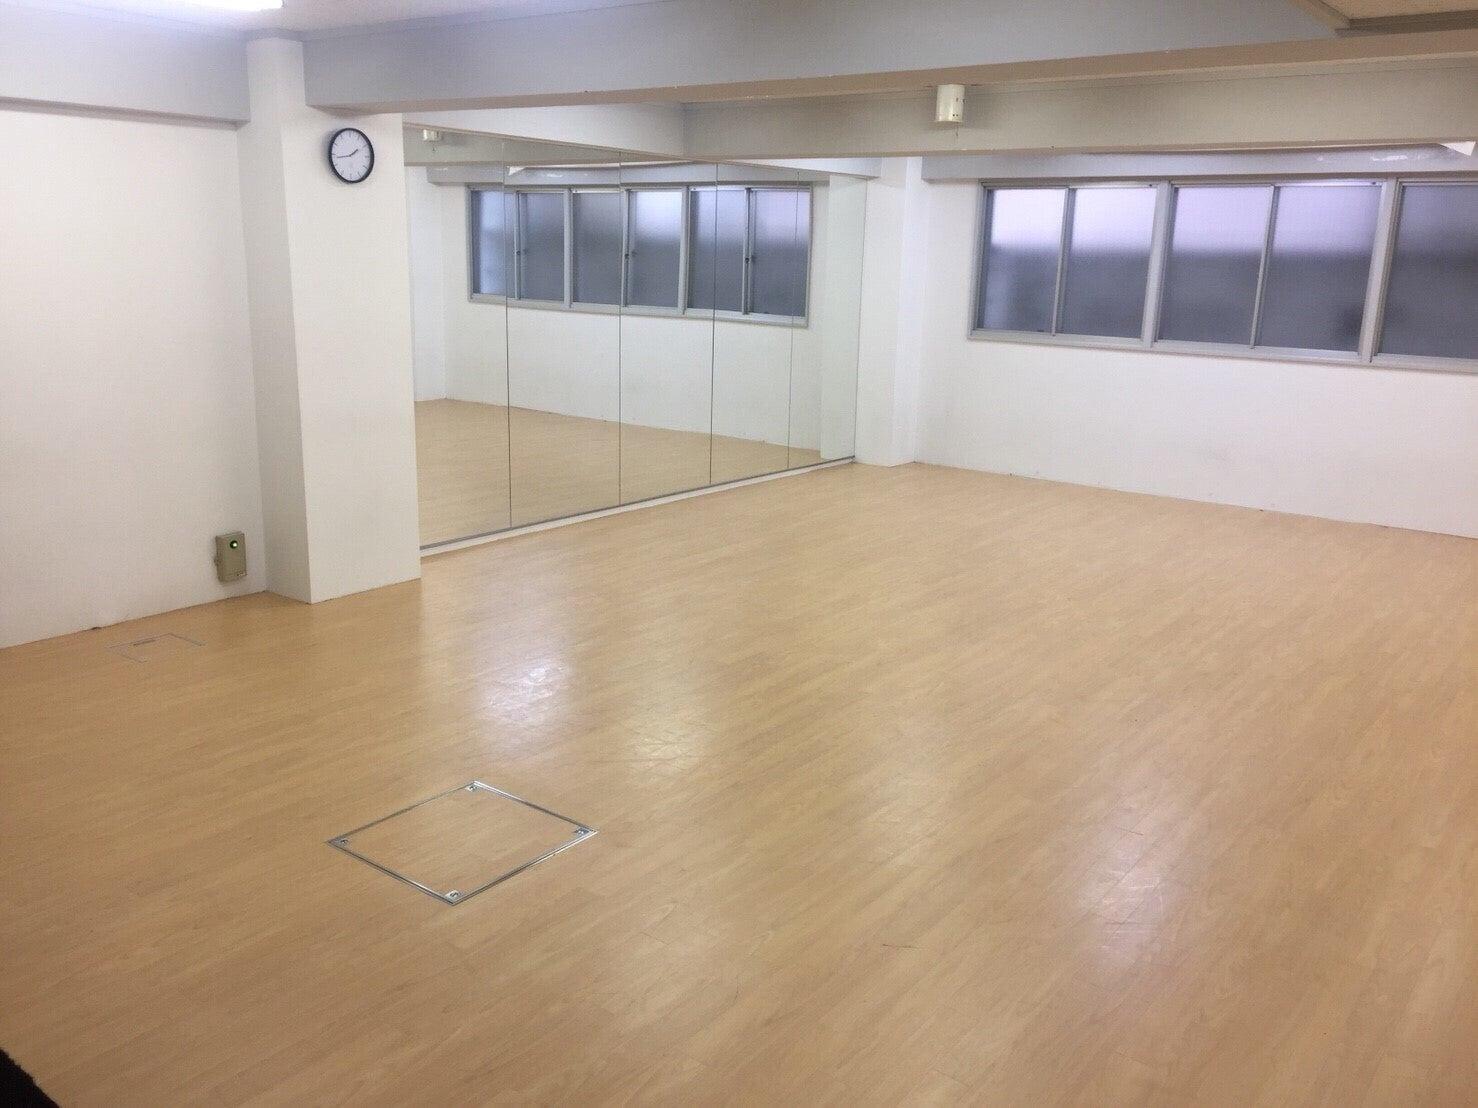 【スタジオ】24h可!ダンスレッスン・ヨガ・演劇稽古・展示会・写真撮影などに!